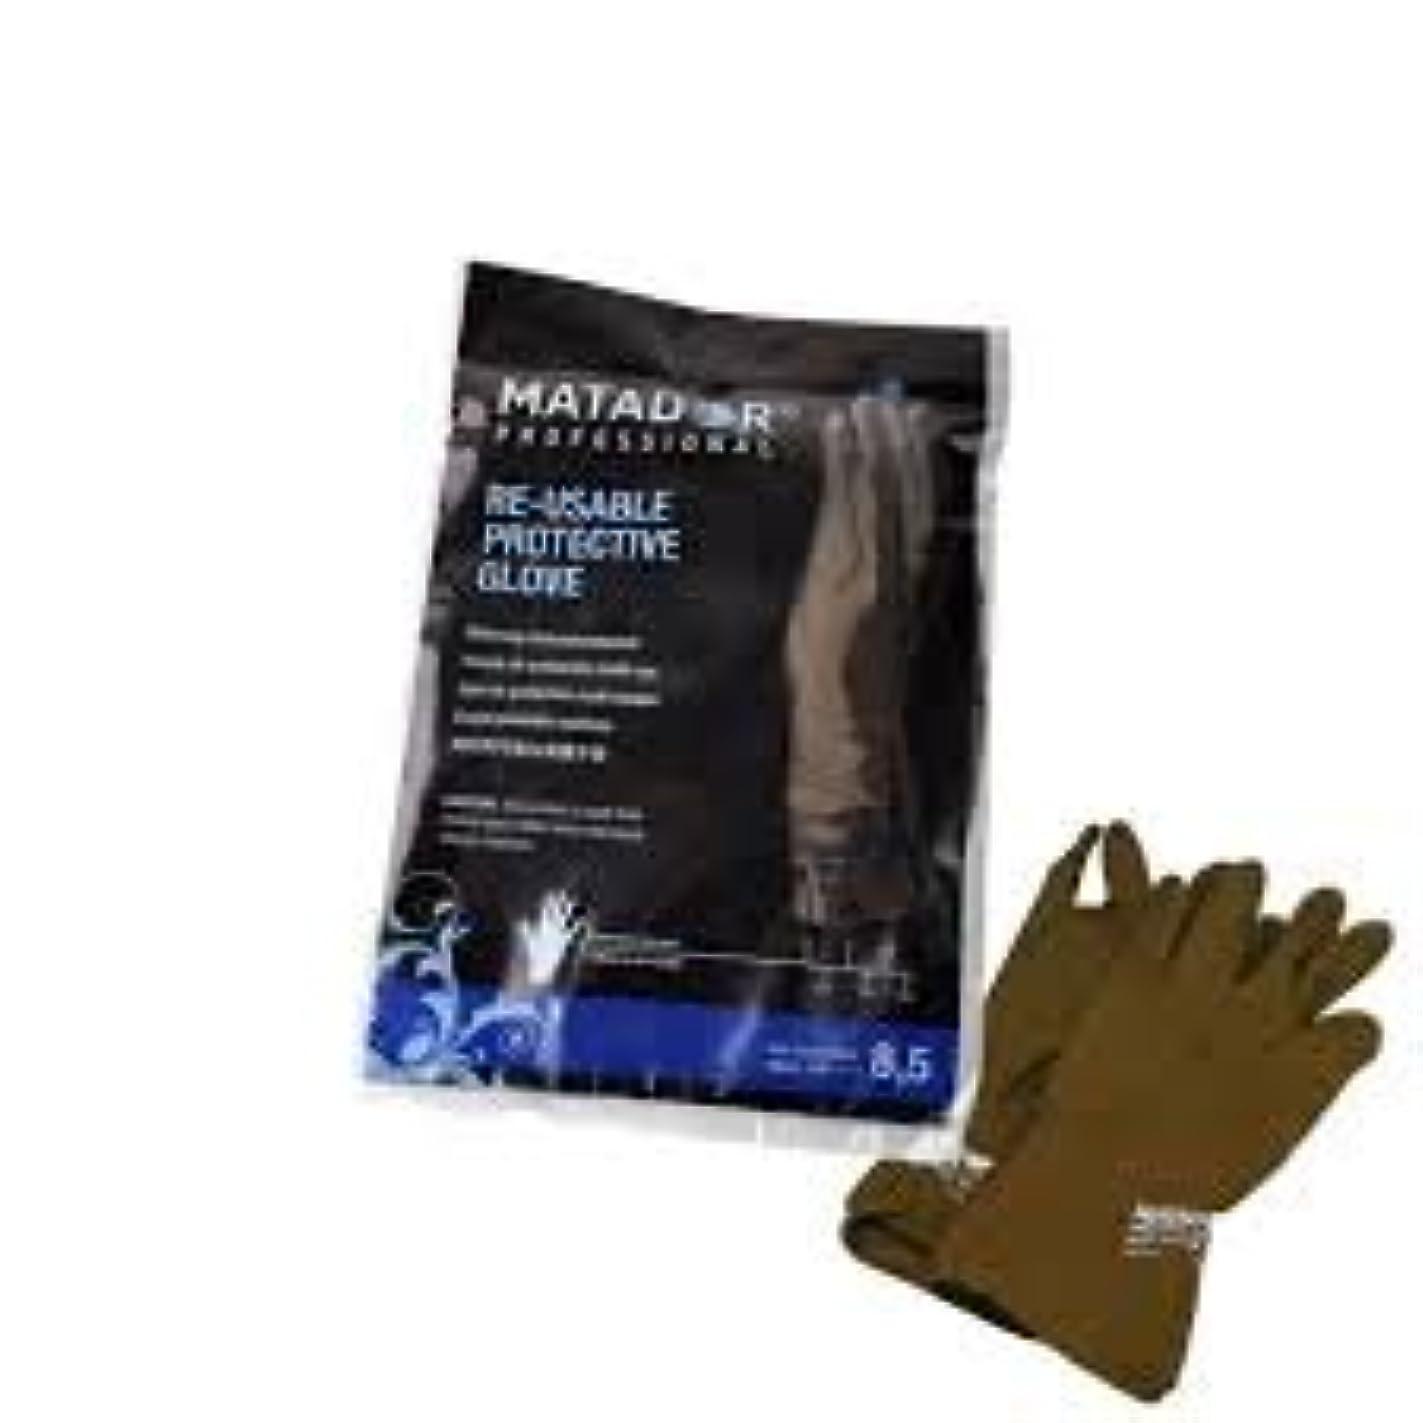 侮辱アーティキュレーションバスタブマタドールゴム手袋 8.5吋 【10個セット】